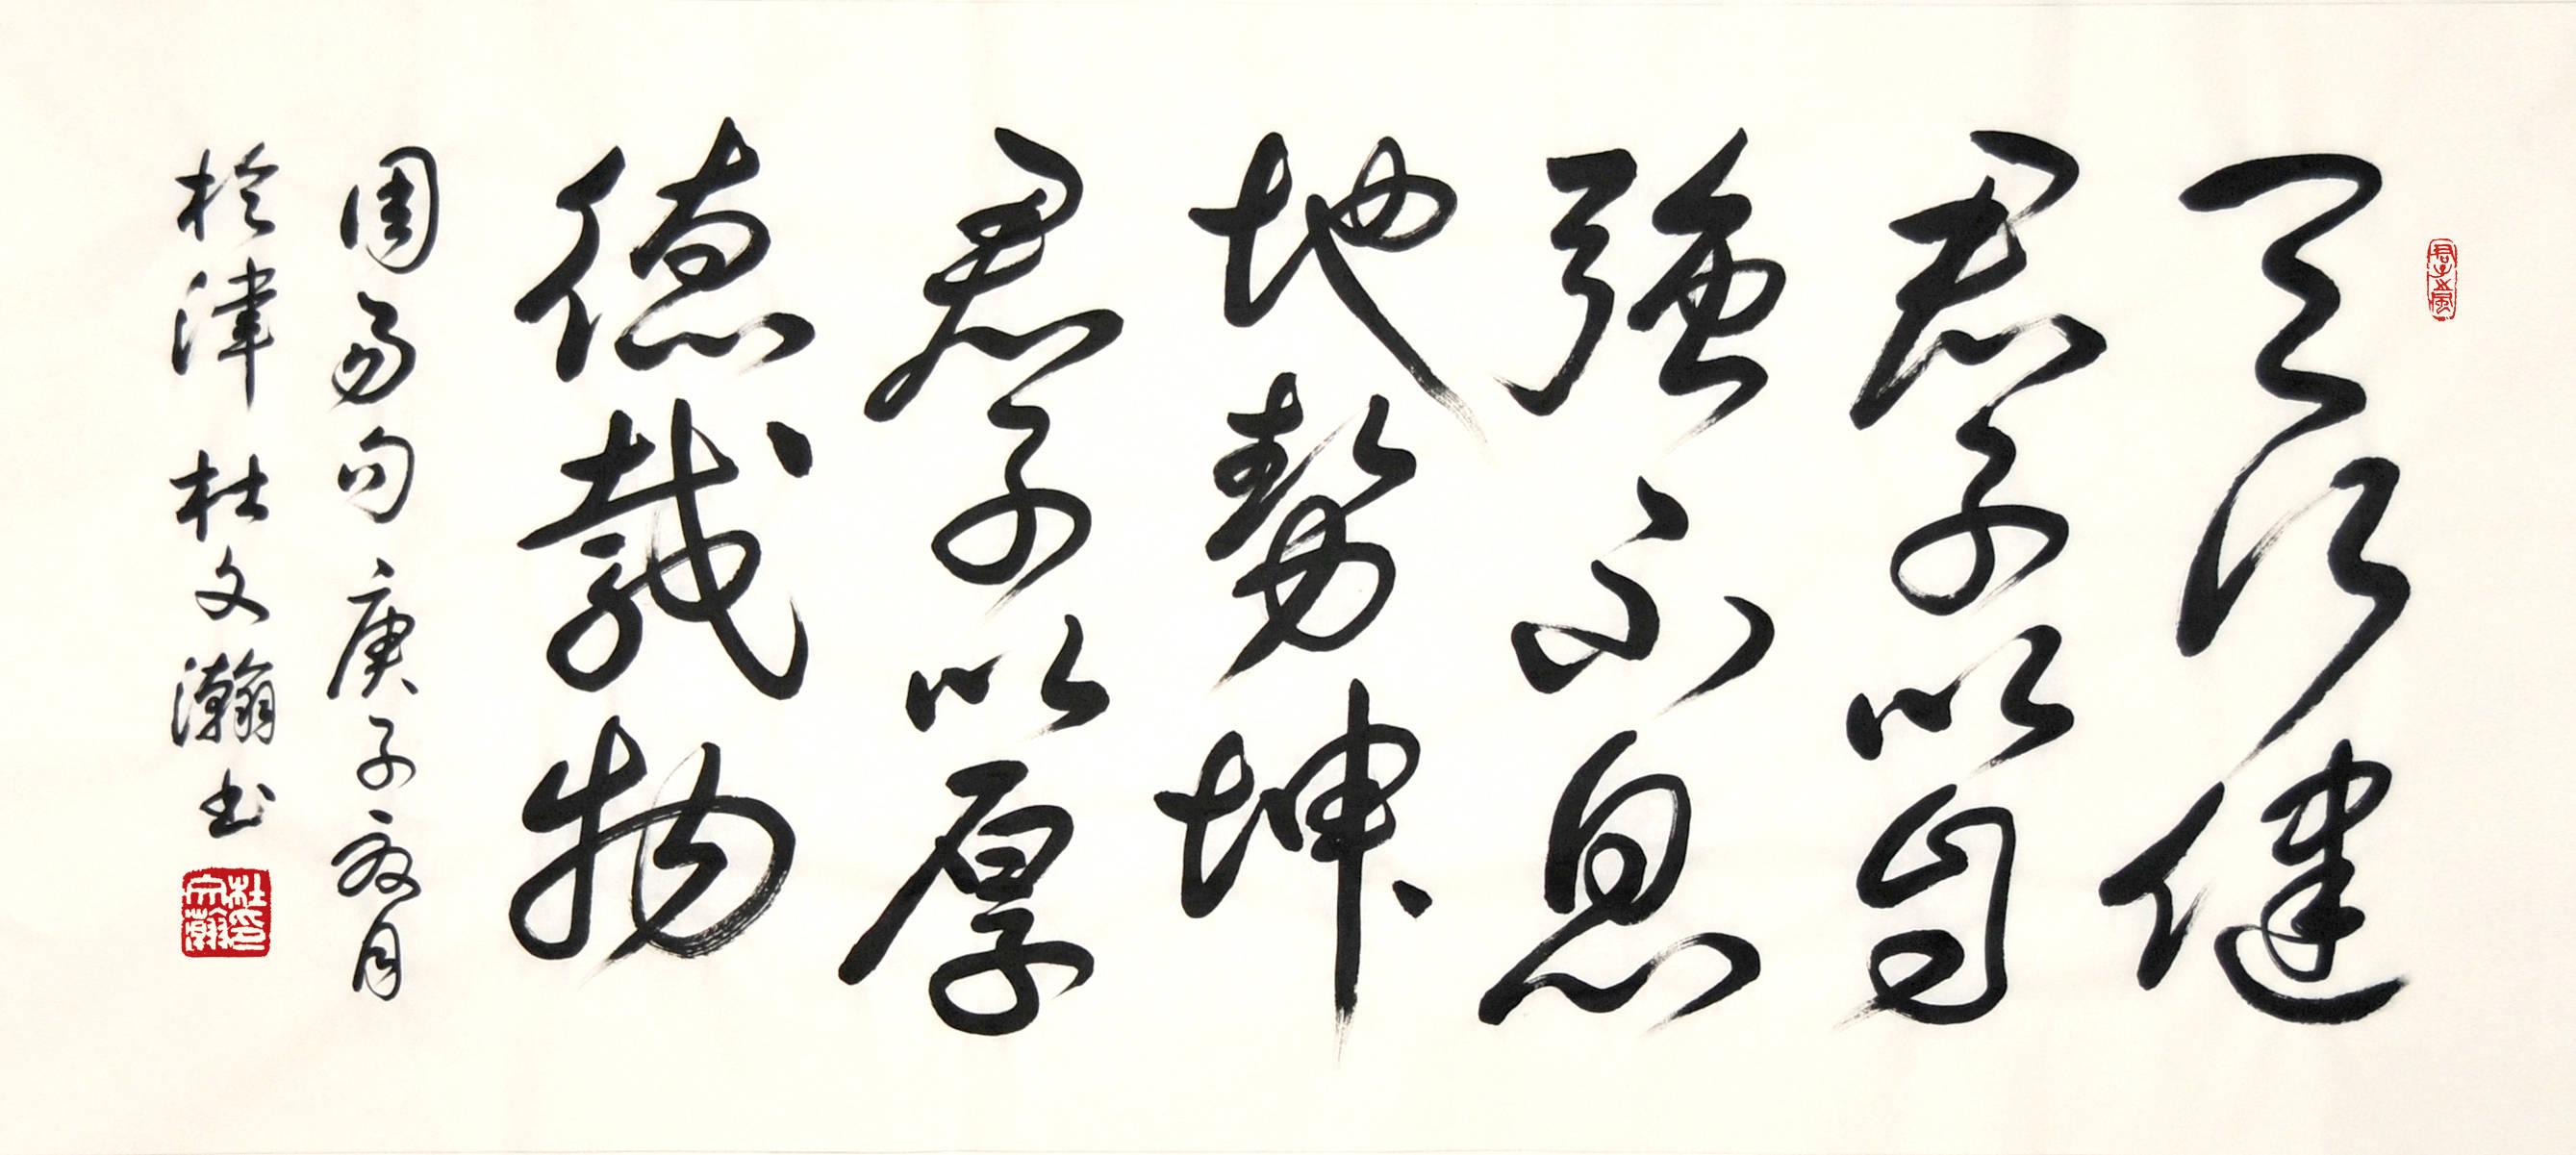 杜文瀚,1942年出生于天津,国家一级美